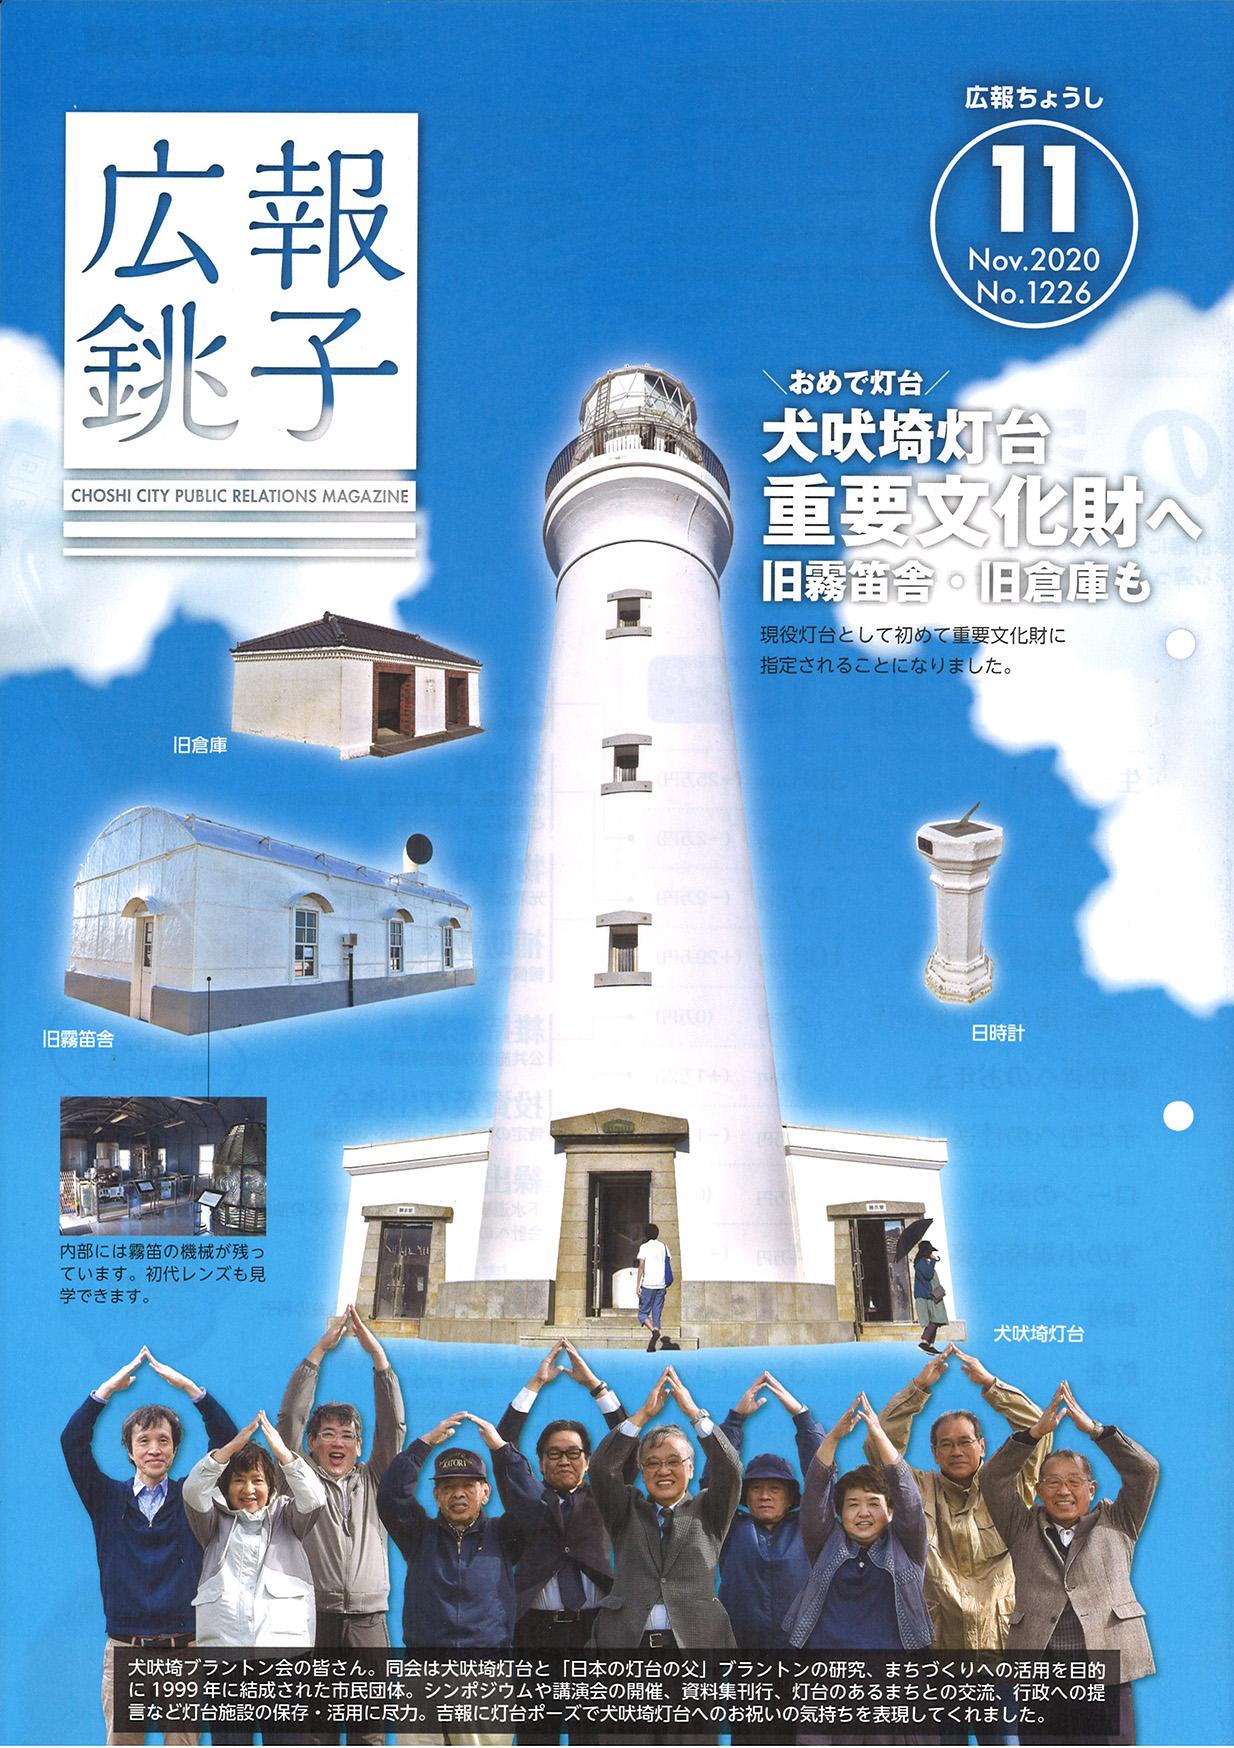 おめでとうだい ! 犬吠埼灯台が国の重要文化財に